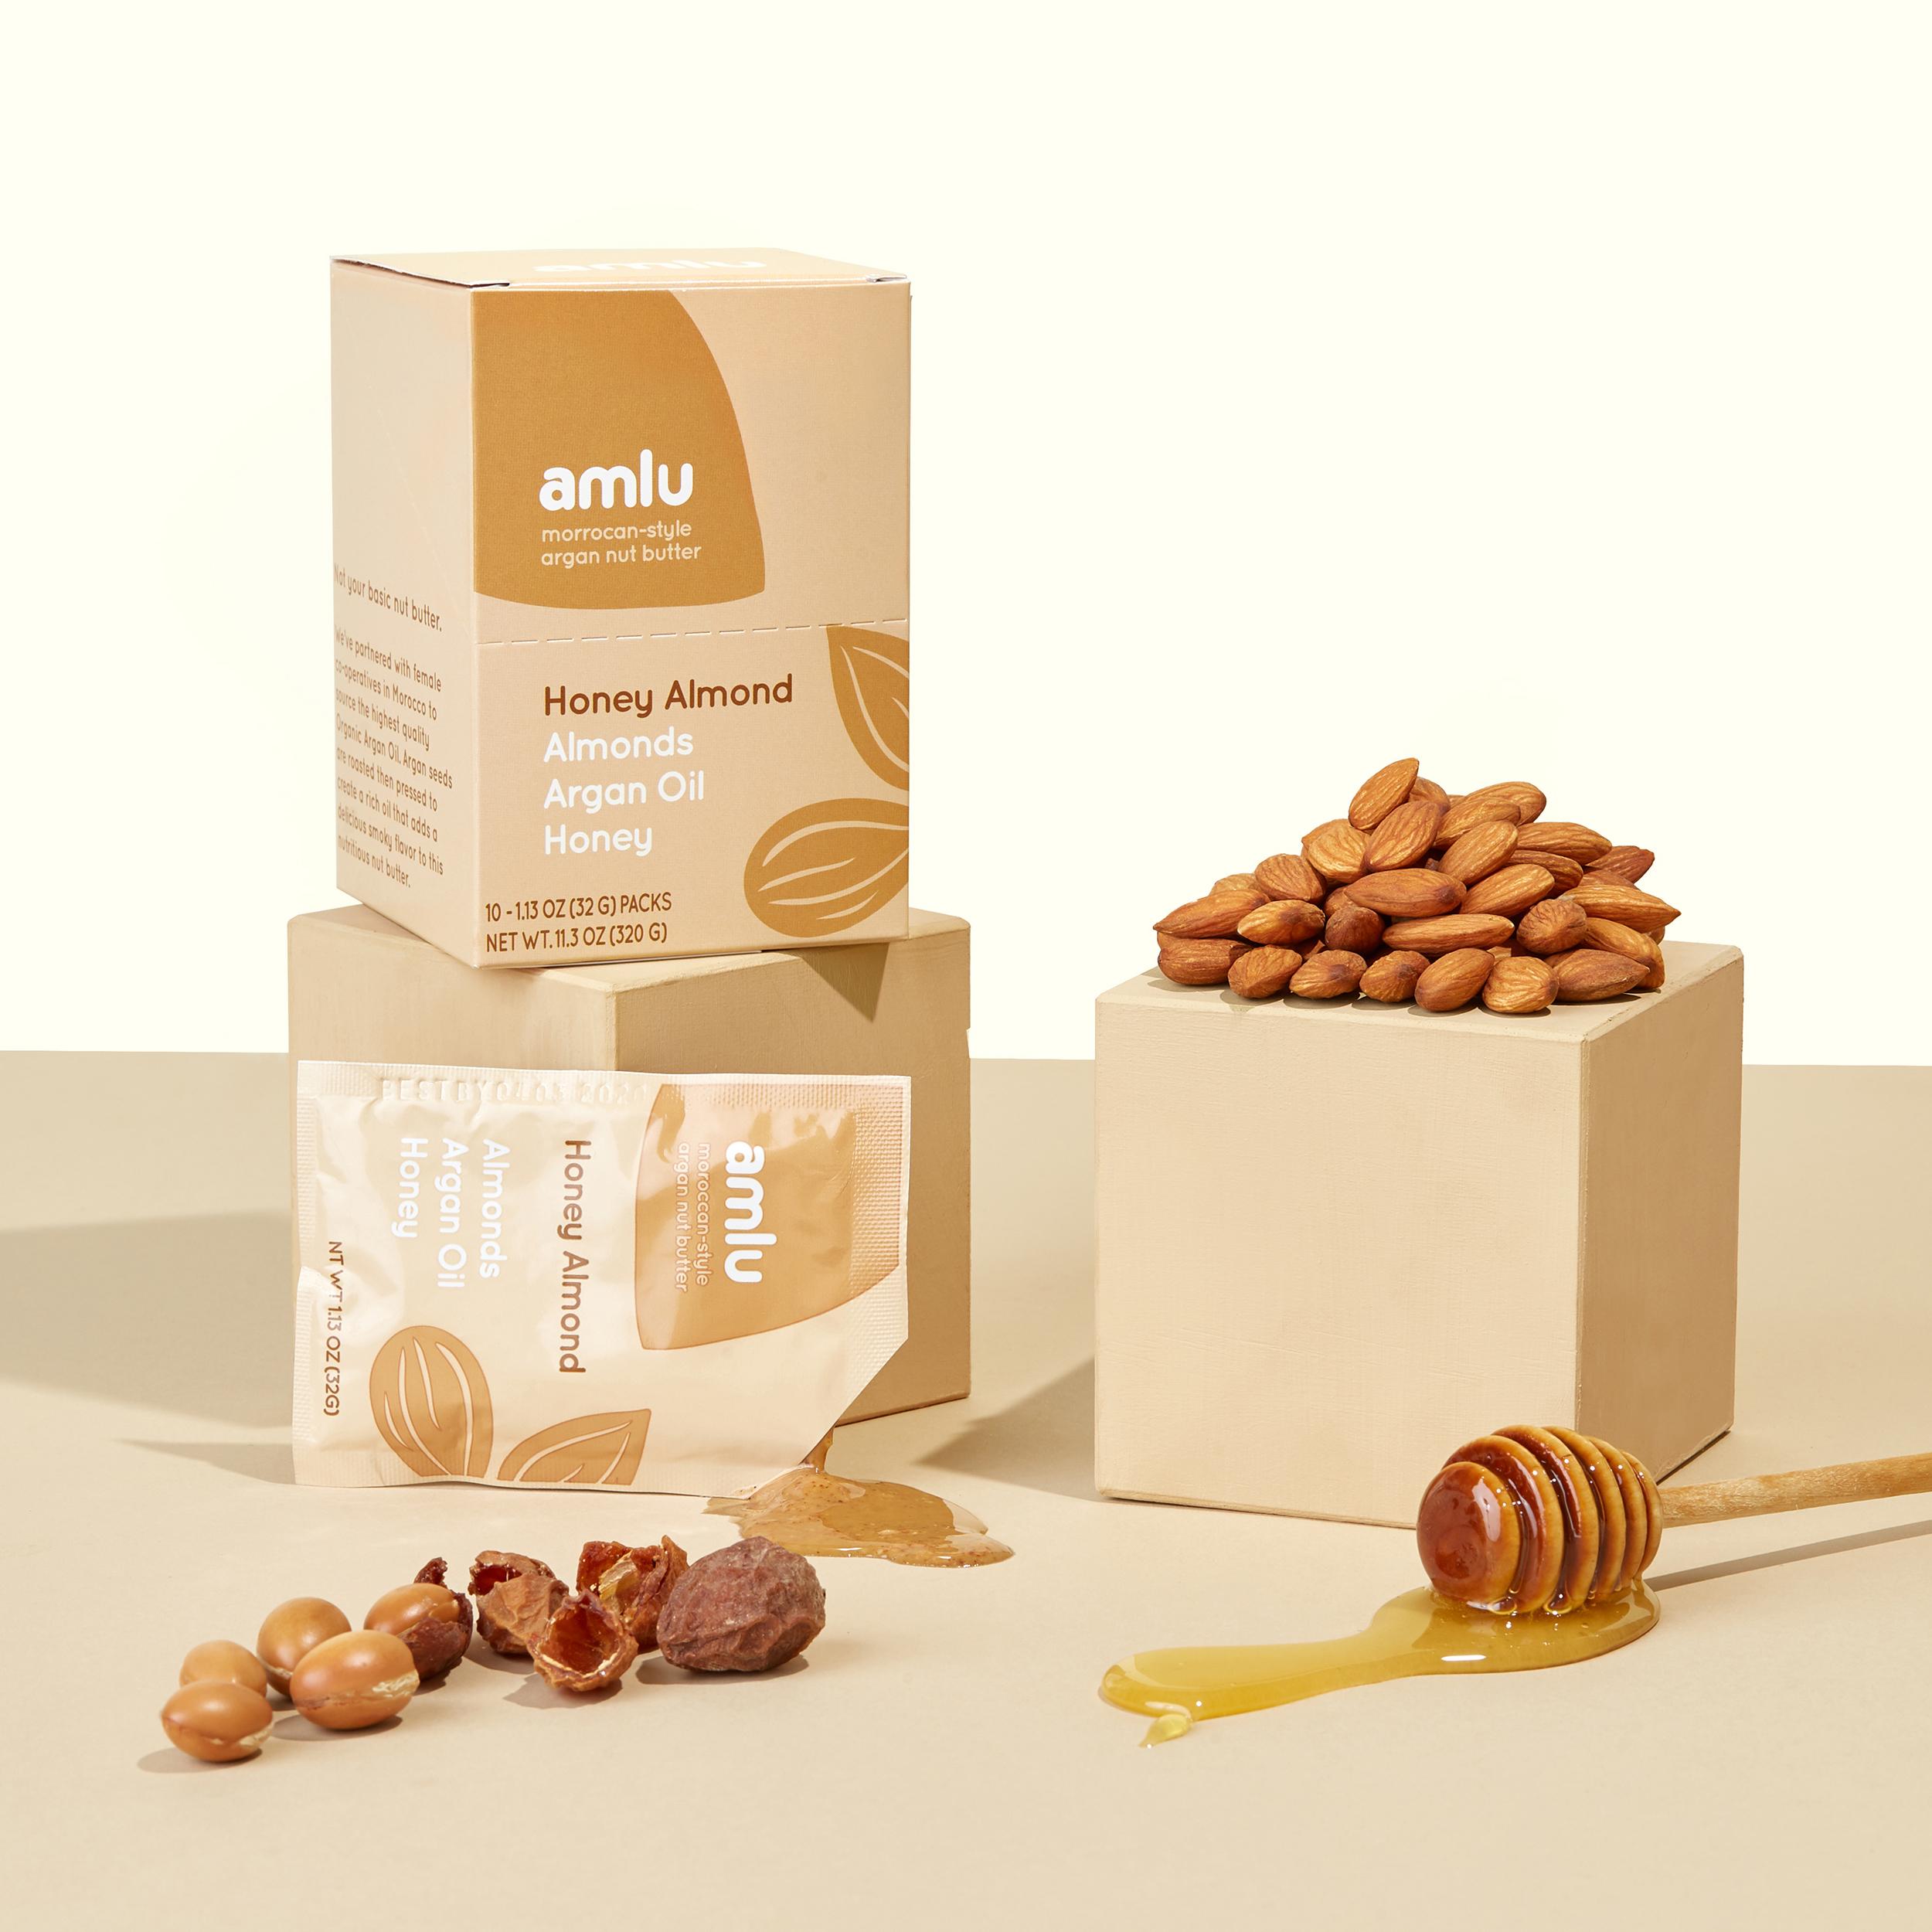 Amlu Argan Nut Butter Packaging Design